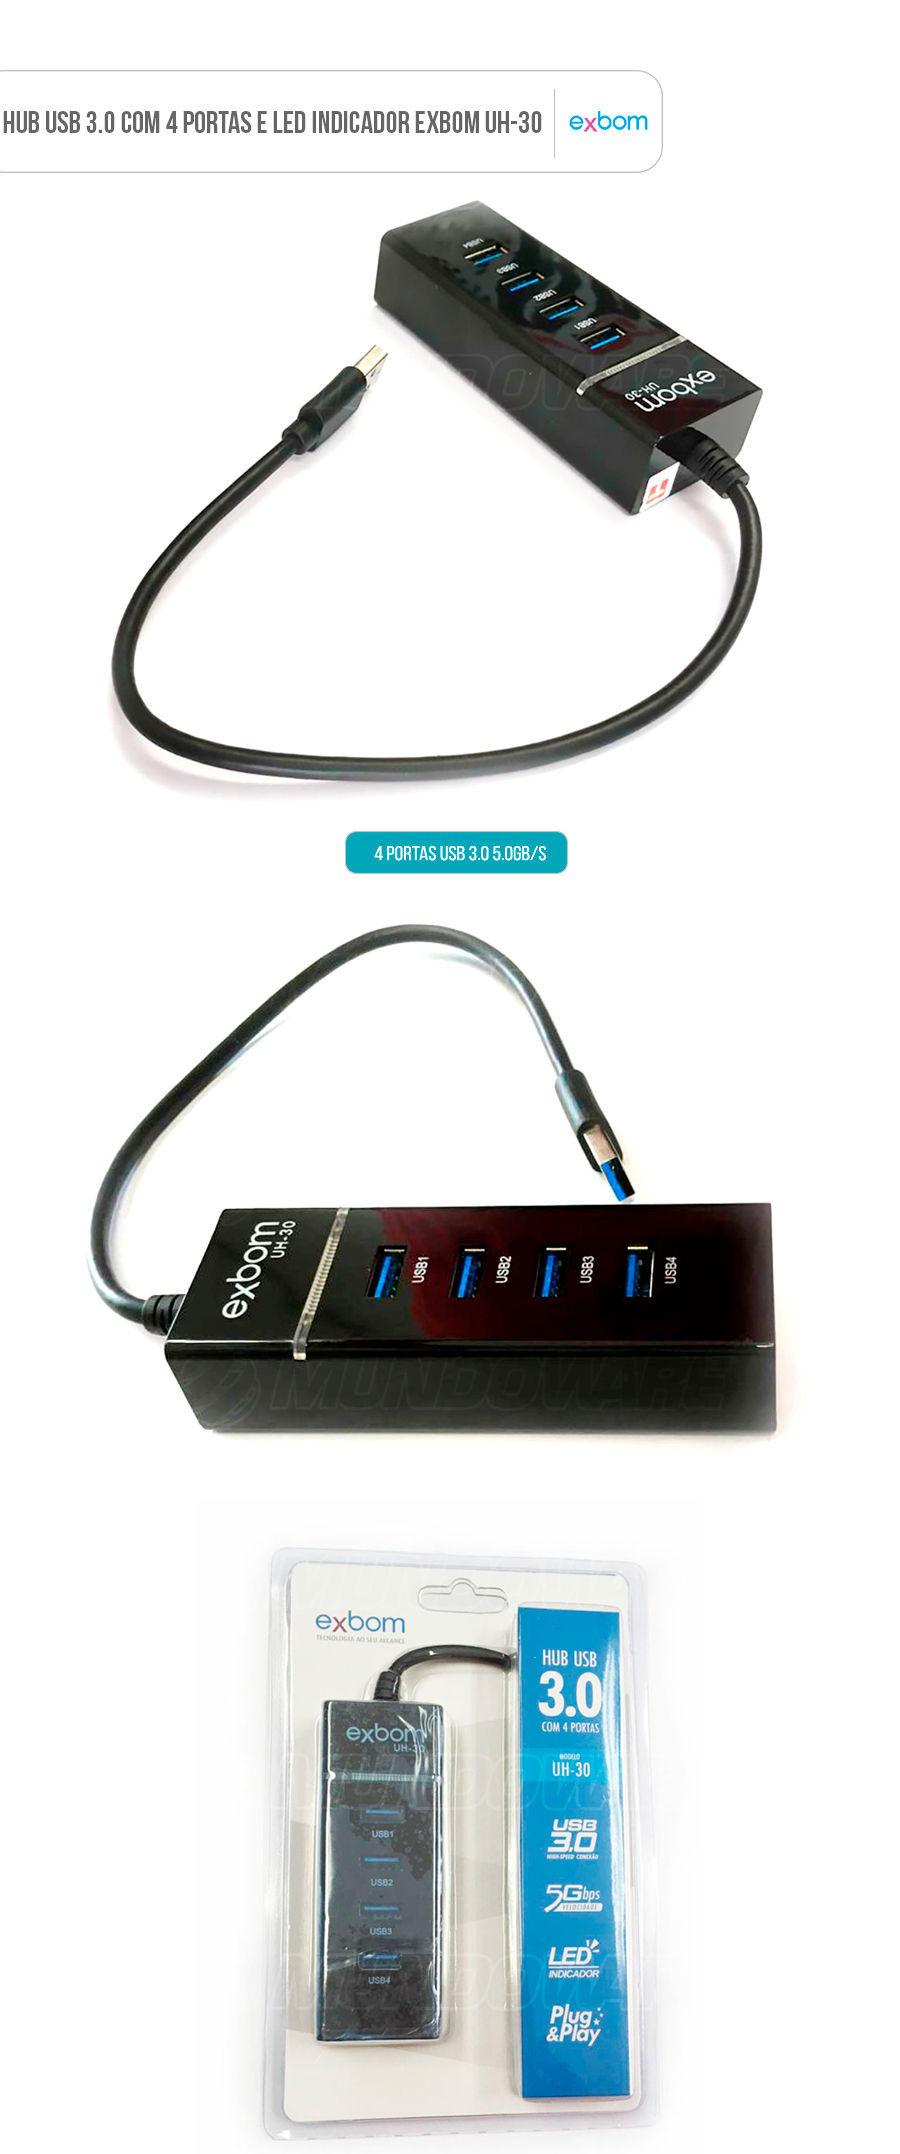 HUB USB 3.0 com 4 Portas 5Gbps e Led Indicador